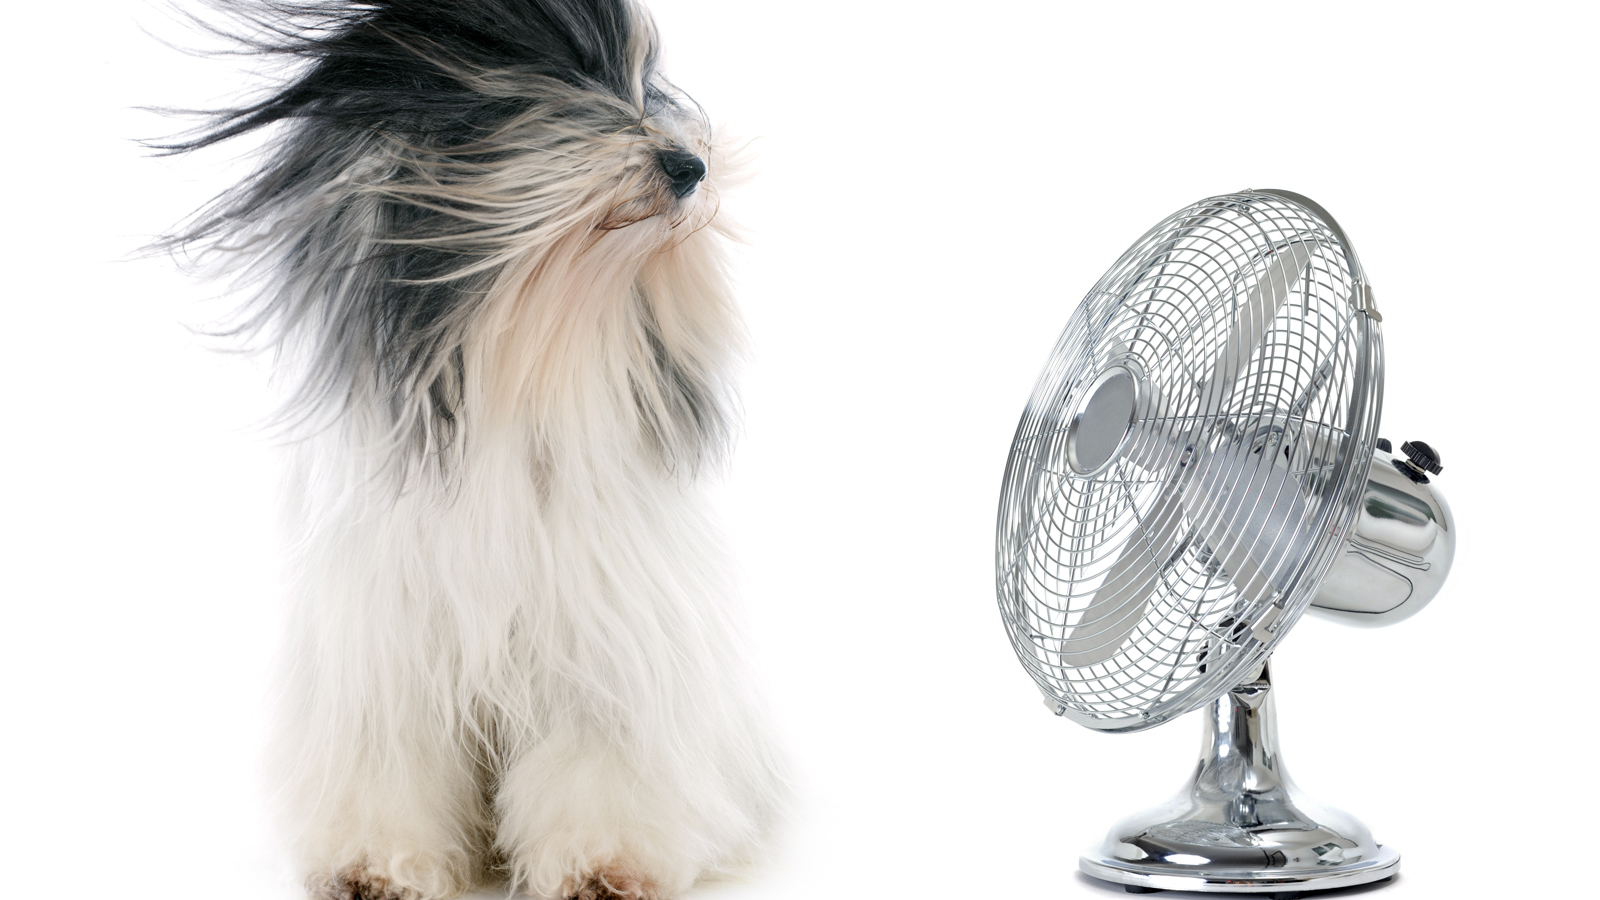 Rinfrescare Casa Fai Da Te come scegliere il ventilatore giusto | altroconsumo